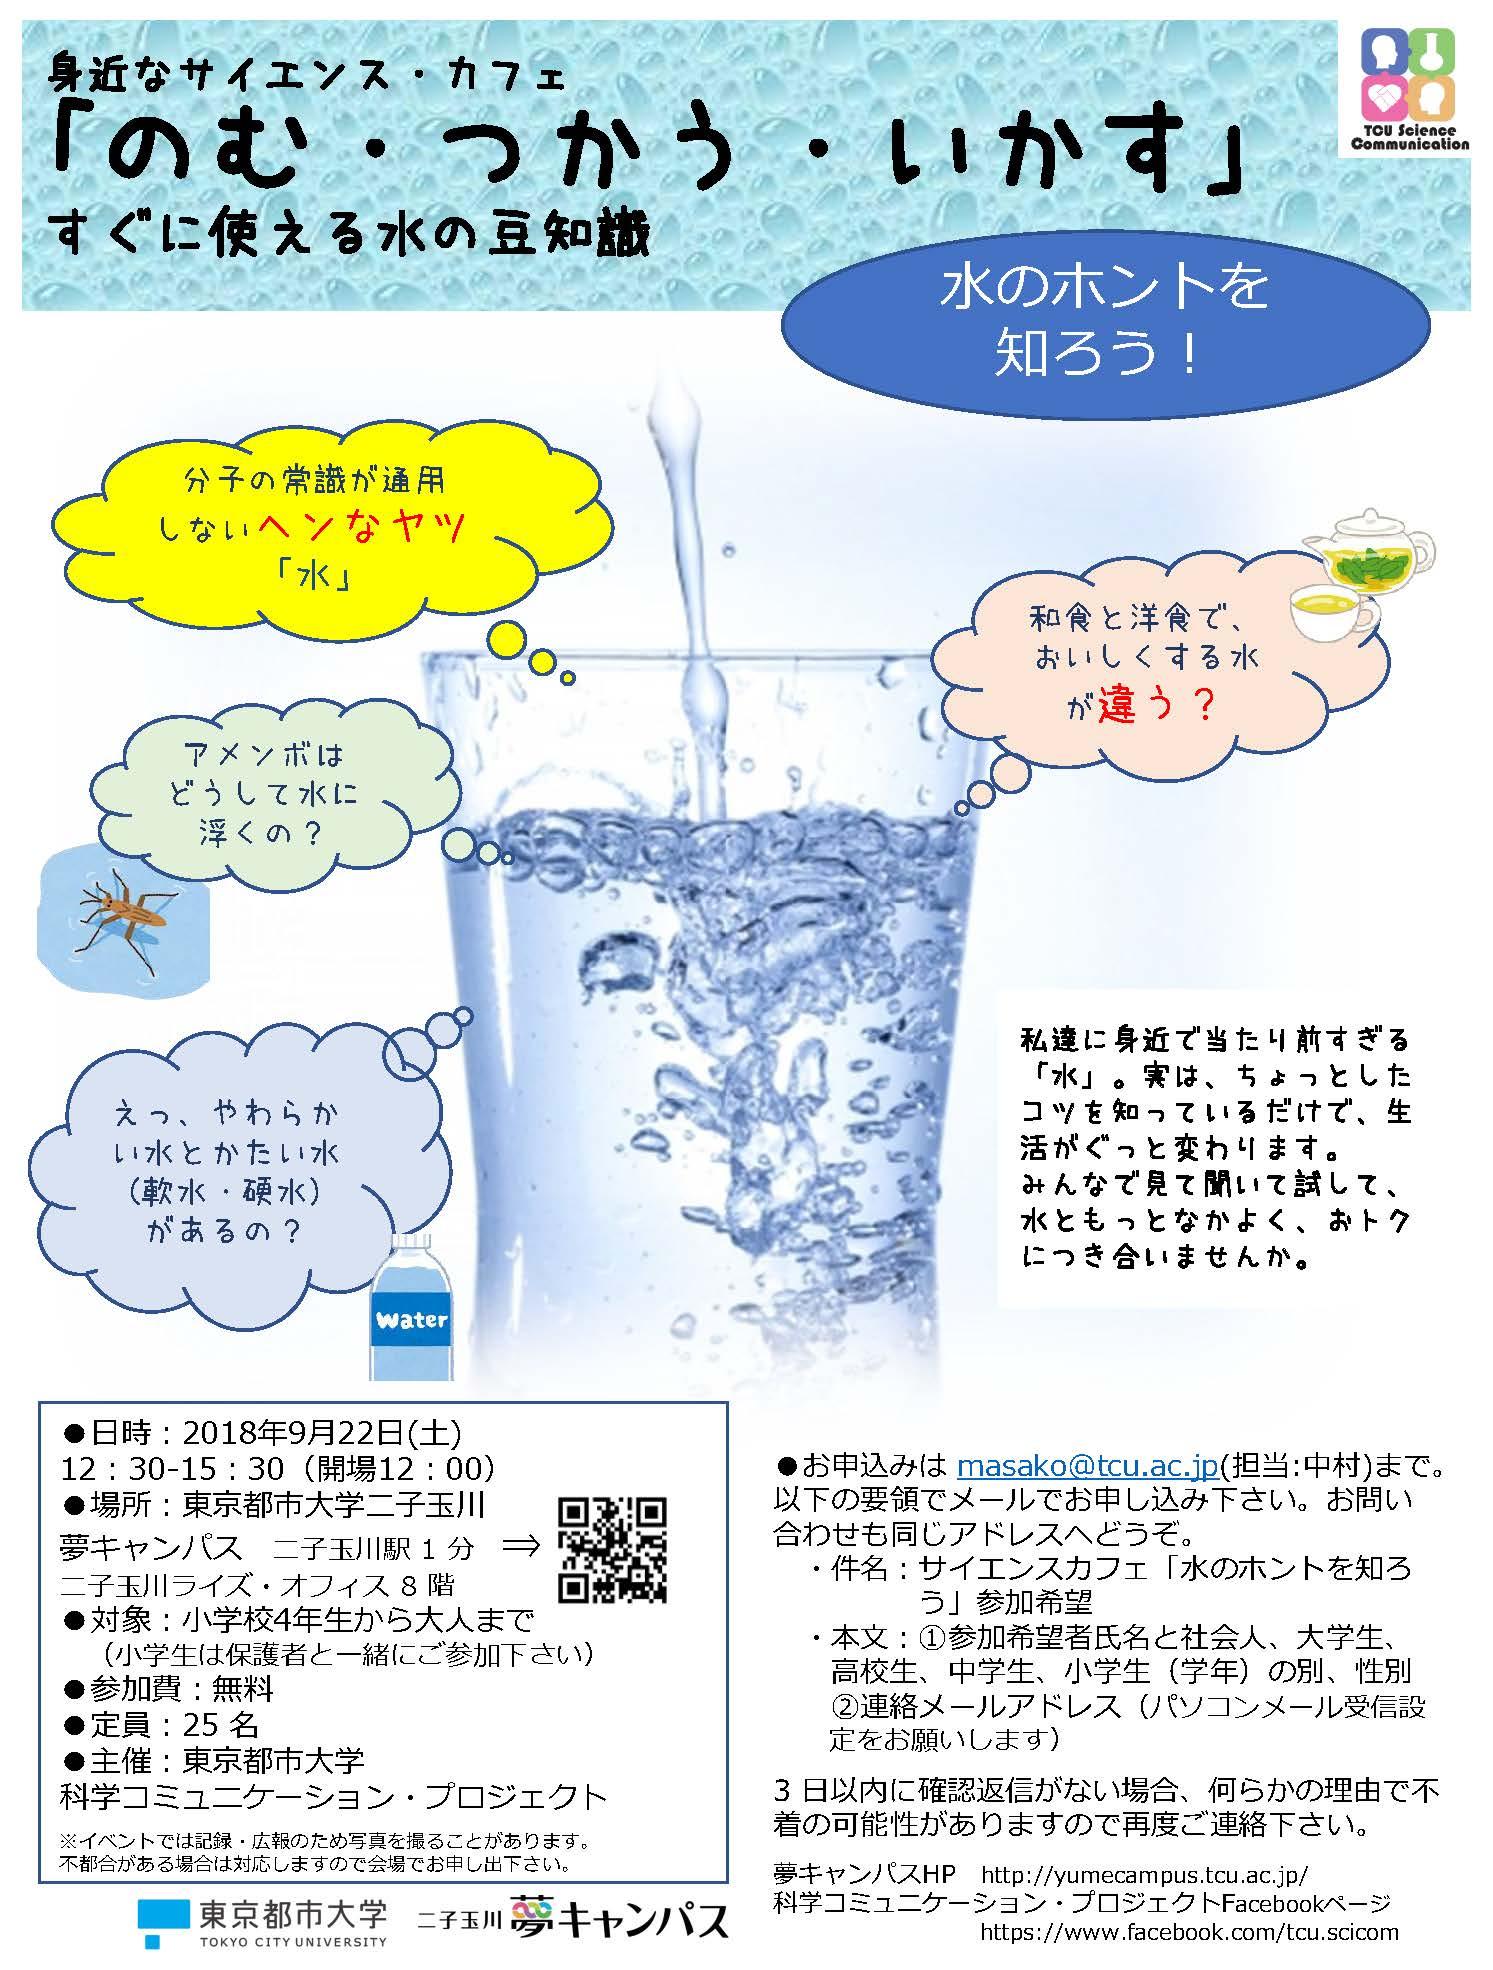 サイエンスカフェ「のむ・つかう・いかす」すぐに使える水の豆知識  ―水のホントを知ろう!―